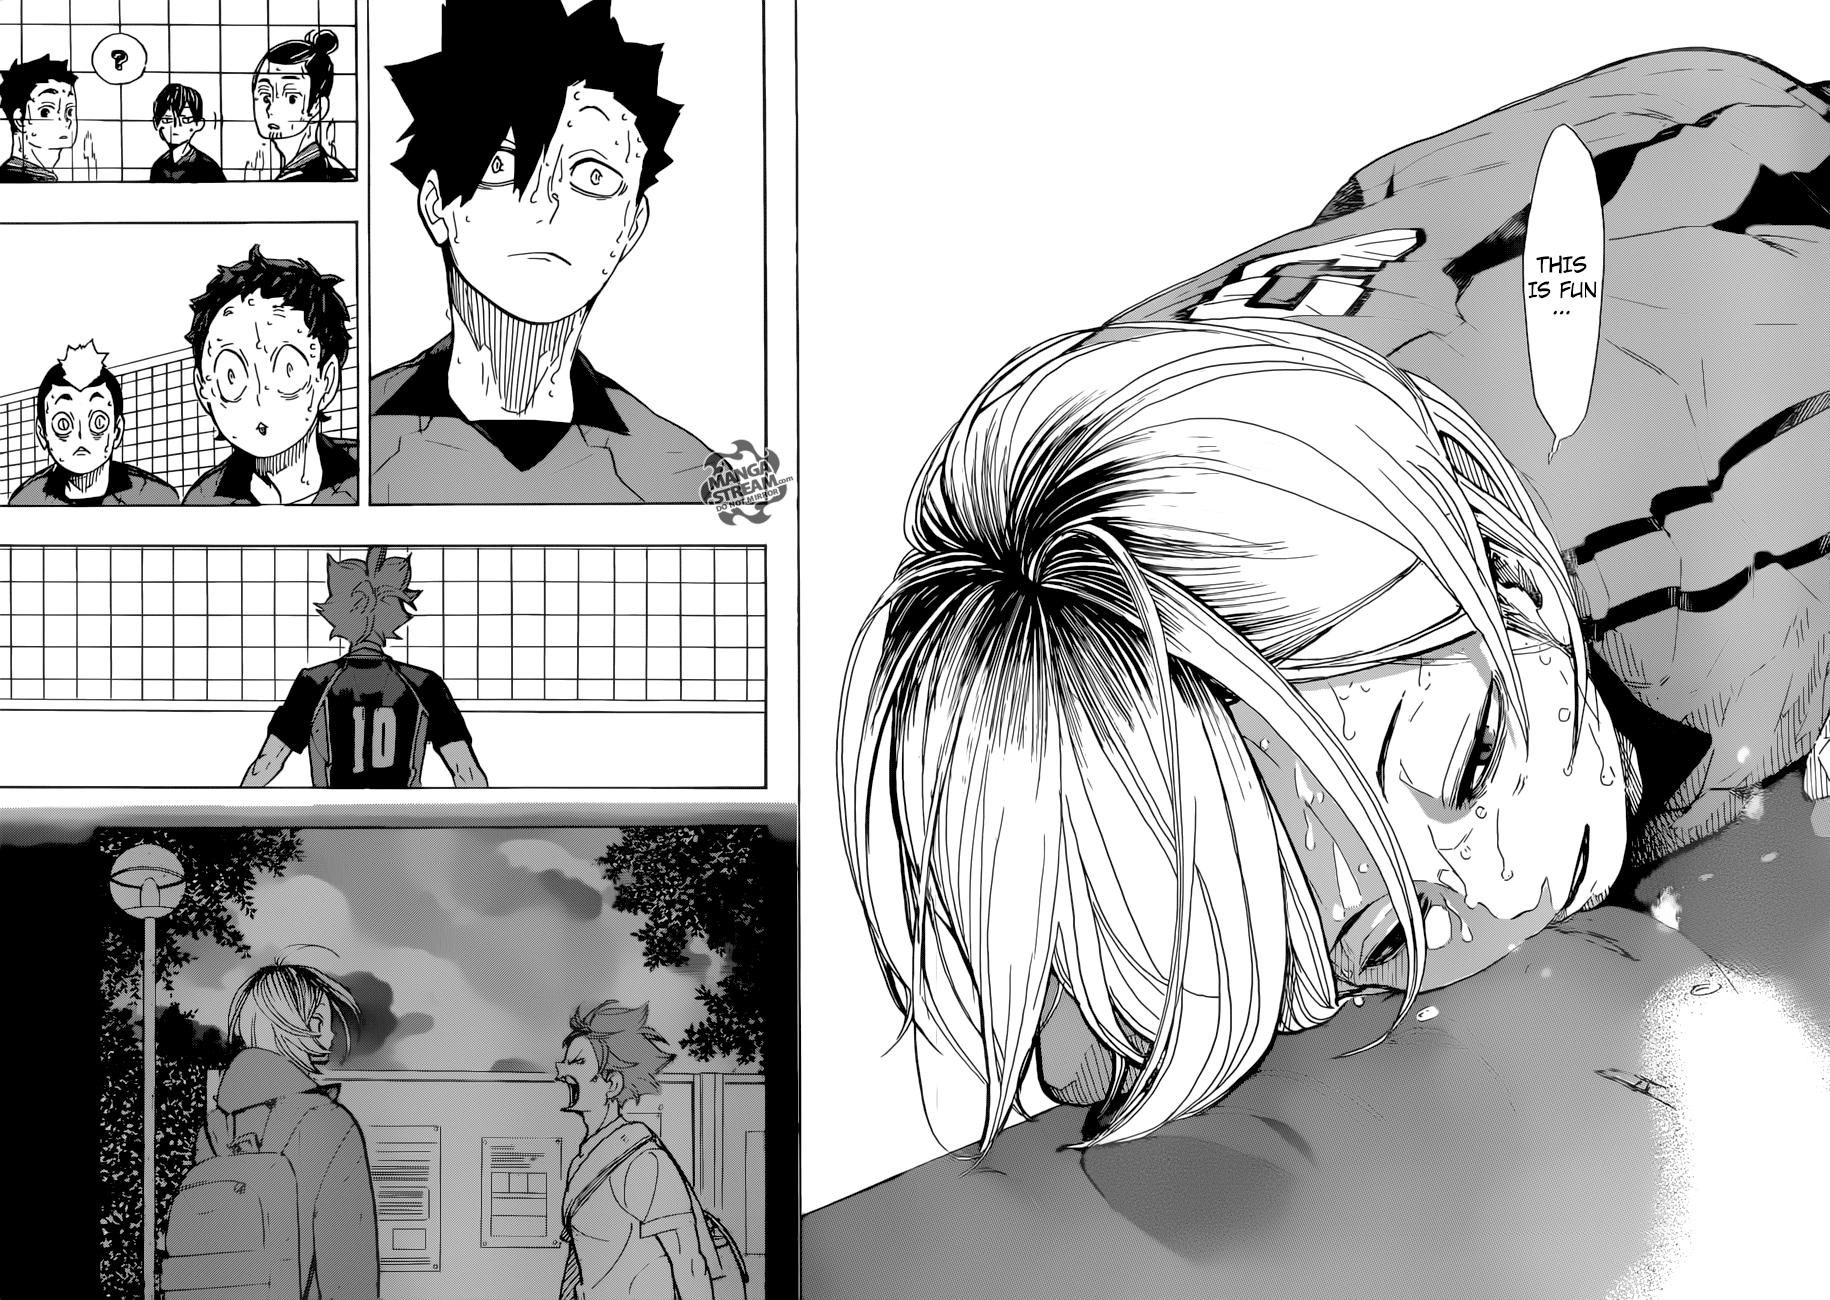 Haikyuu Chapter 322 Read Haikyuu Manga Online Haikyuu Manga Haikyuu Anime Haikyuu